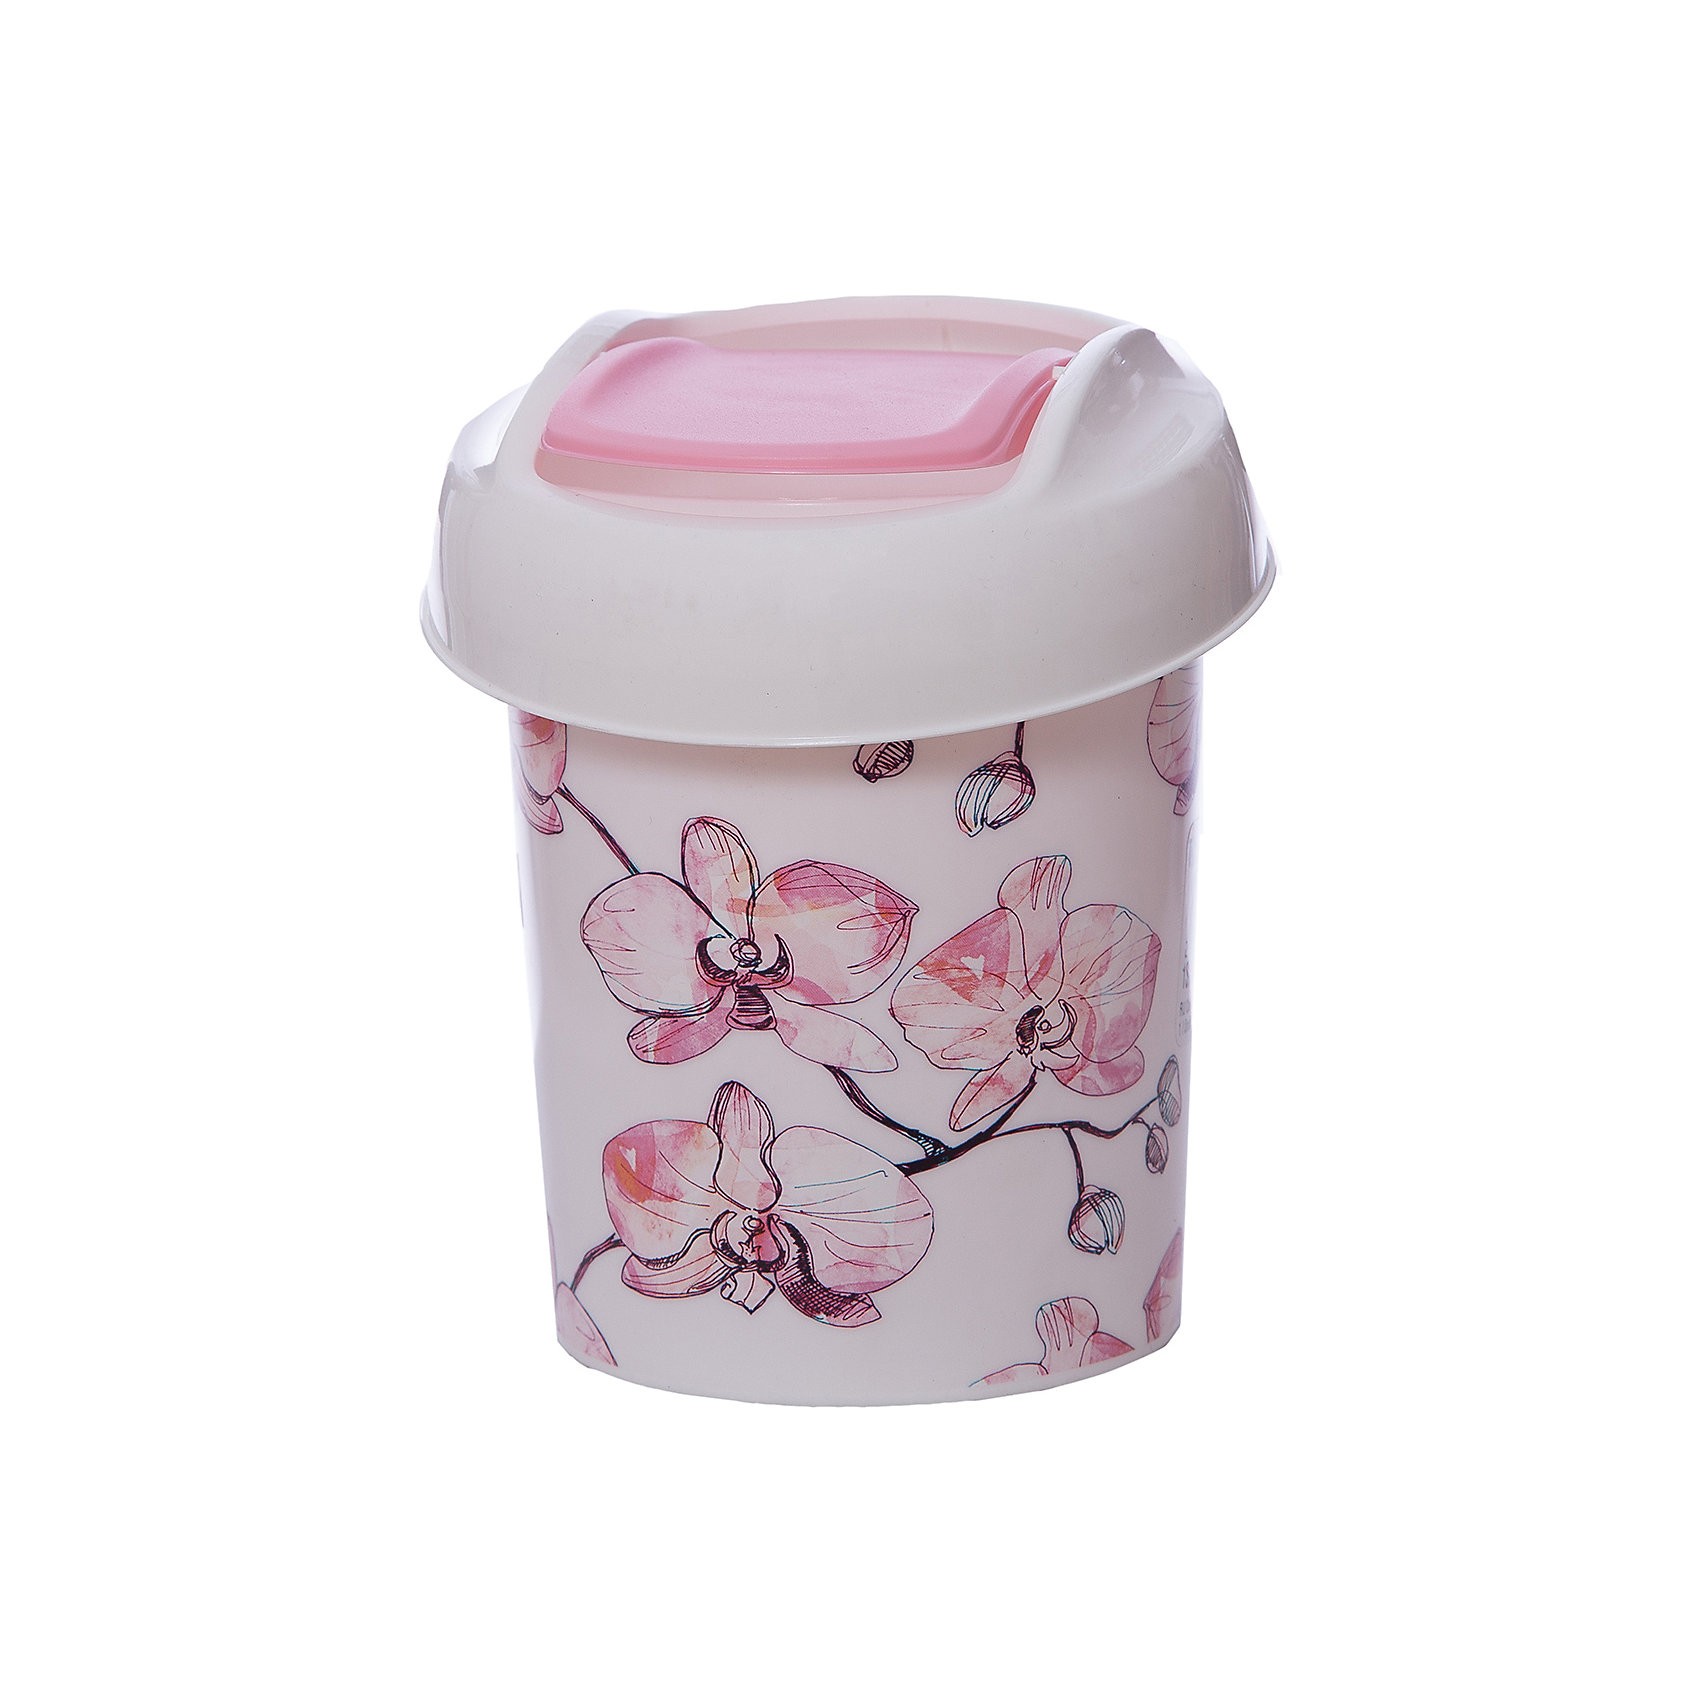 Контейнер для мусора Ориджинал 1 л декор орхидеи, SvipПорядок в детской<br>Этот маленький контейнер поможет поддержать порядок и чистоту за обеденным столом, на кухонной столешнице, и даже на столике в ванной комнате. Изделие оснащено поворотной крышкой-маятником, которая легко открывается простым нажатием руки, и сама возвращается в стандартное положение. Скрытые борта в корпусе ведра для аккуратного использования одноразовых пакетов и сохранения эстетики изделия. Для удобства извлечения накопившегося в ведре мусора его верхняя часть сделана съёмной.<br><br>Ширина мм: 130<br>Глубина мм: 130<br>Высота мм: 155<br>Вес г: 100<br>Возраст от месяцев: 216<br>Возраст до месяцев: 1188<br>Пол: Унисекс<br>Возраст: Детский<br>SKU: 5545660